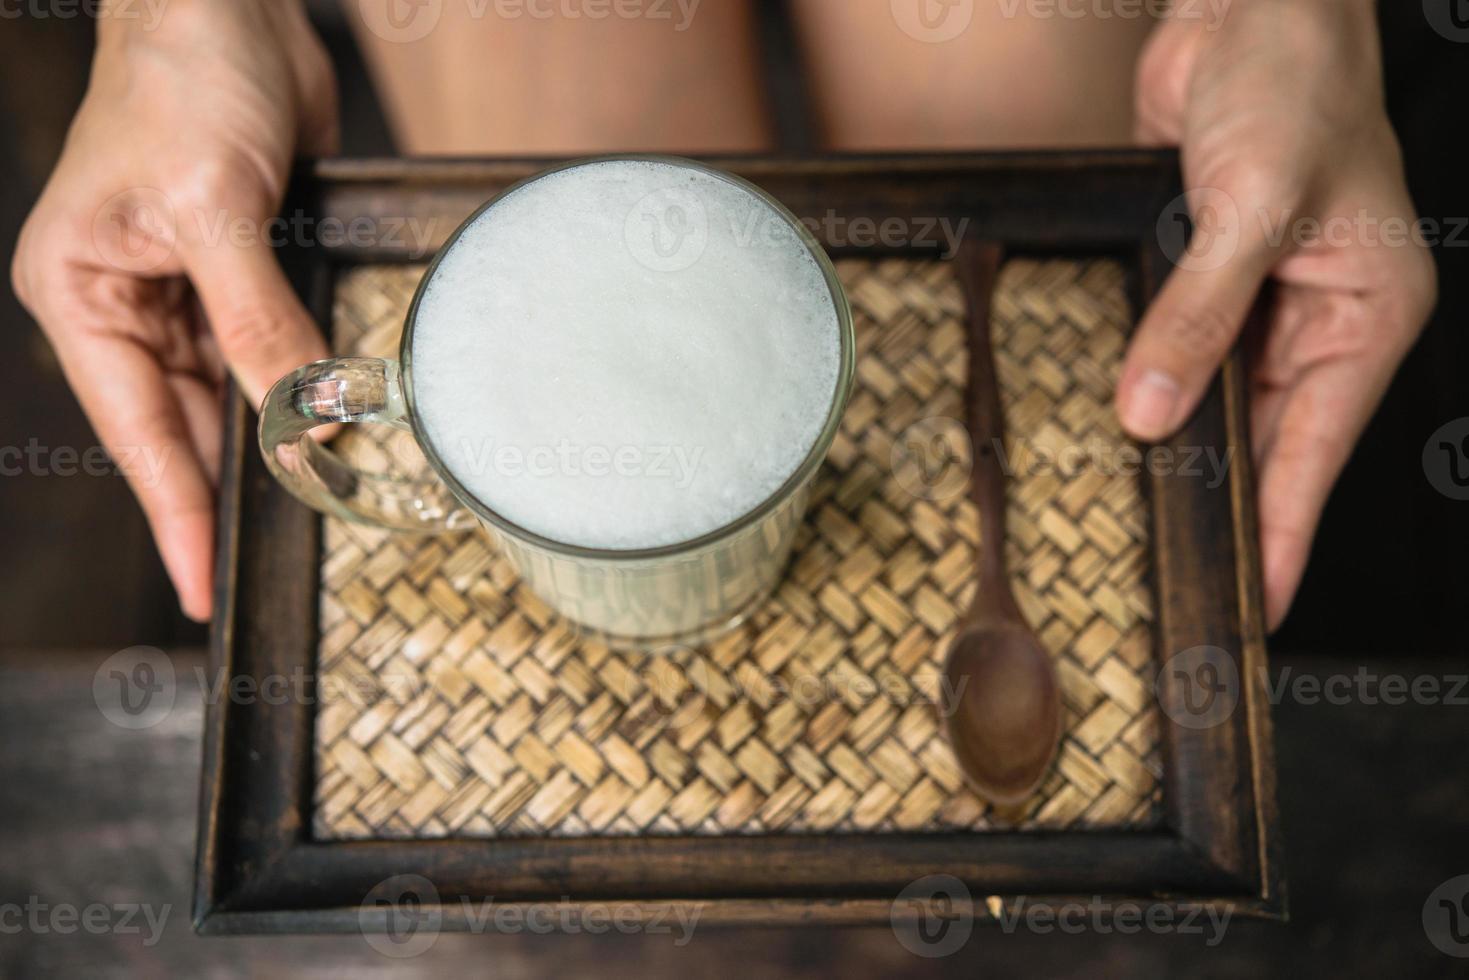 Frau hält ein Glas heiße Milch entspannen foto